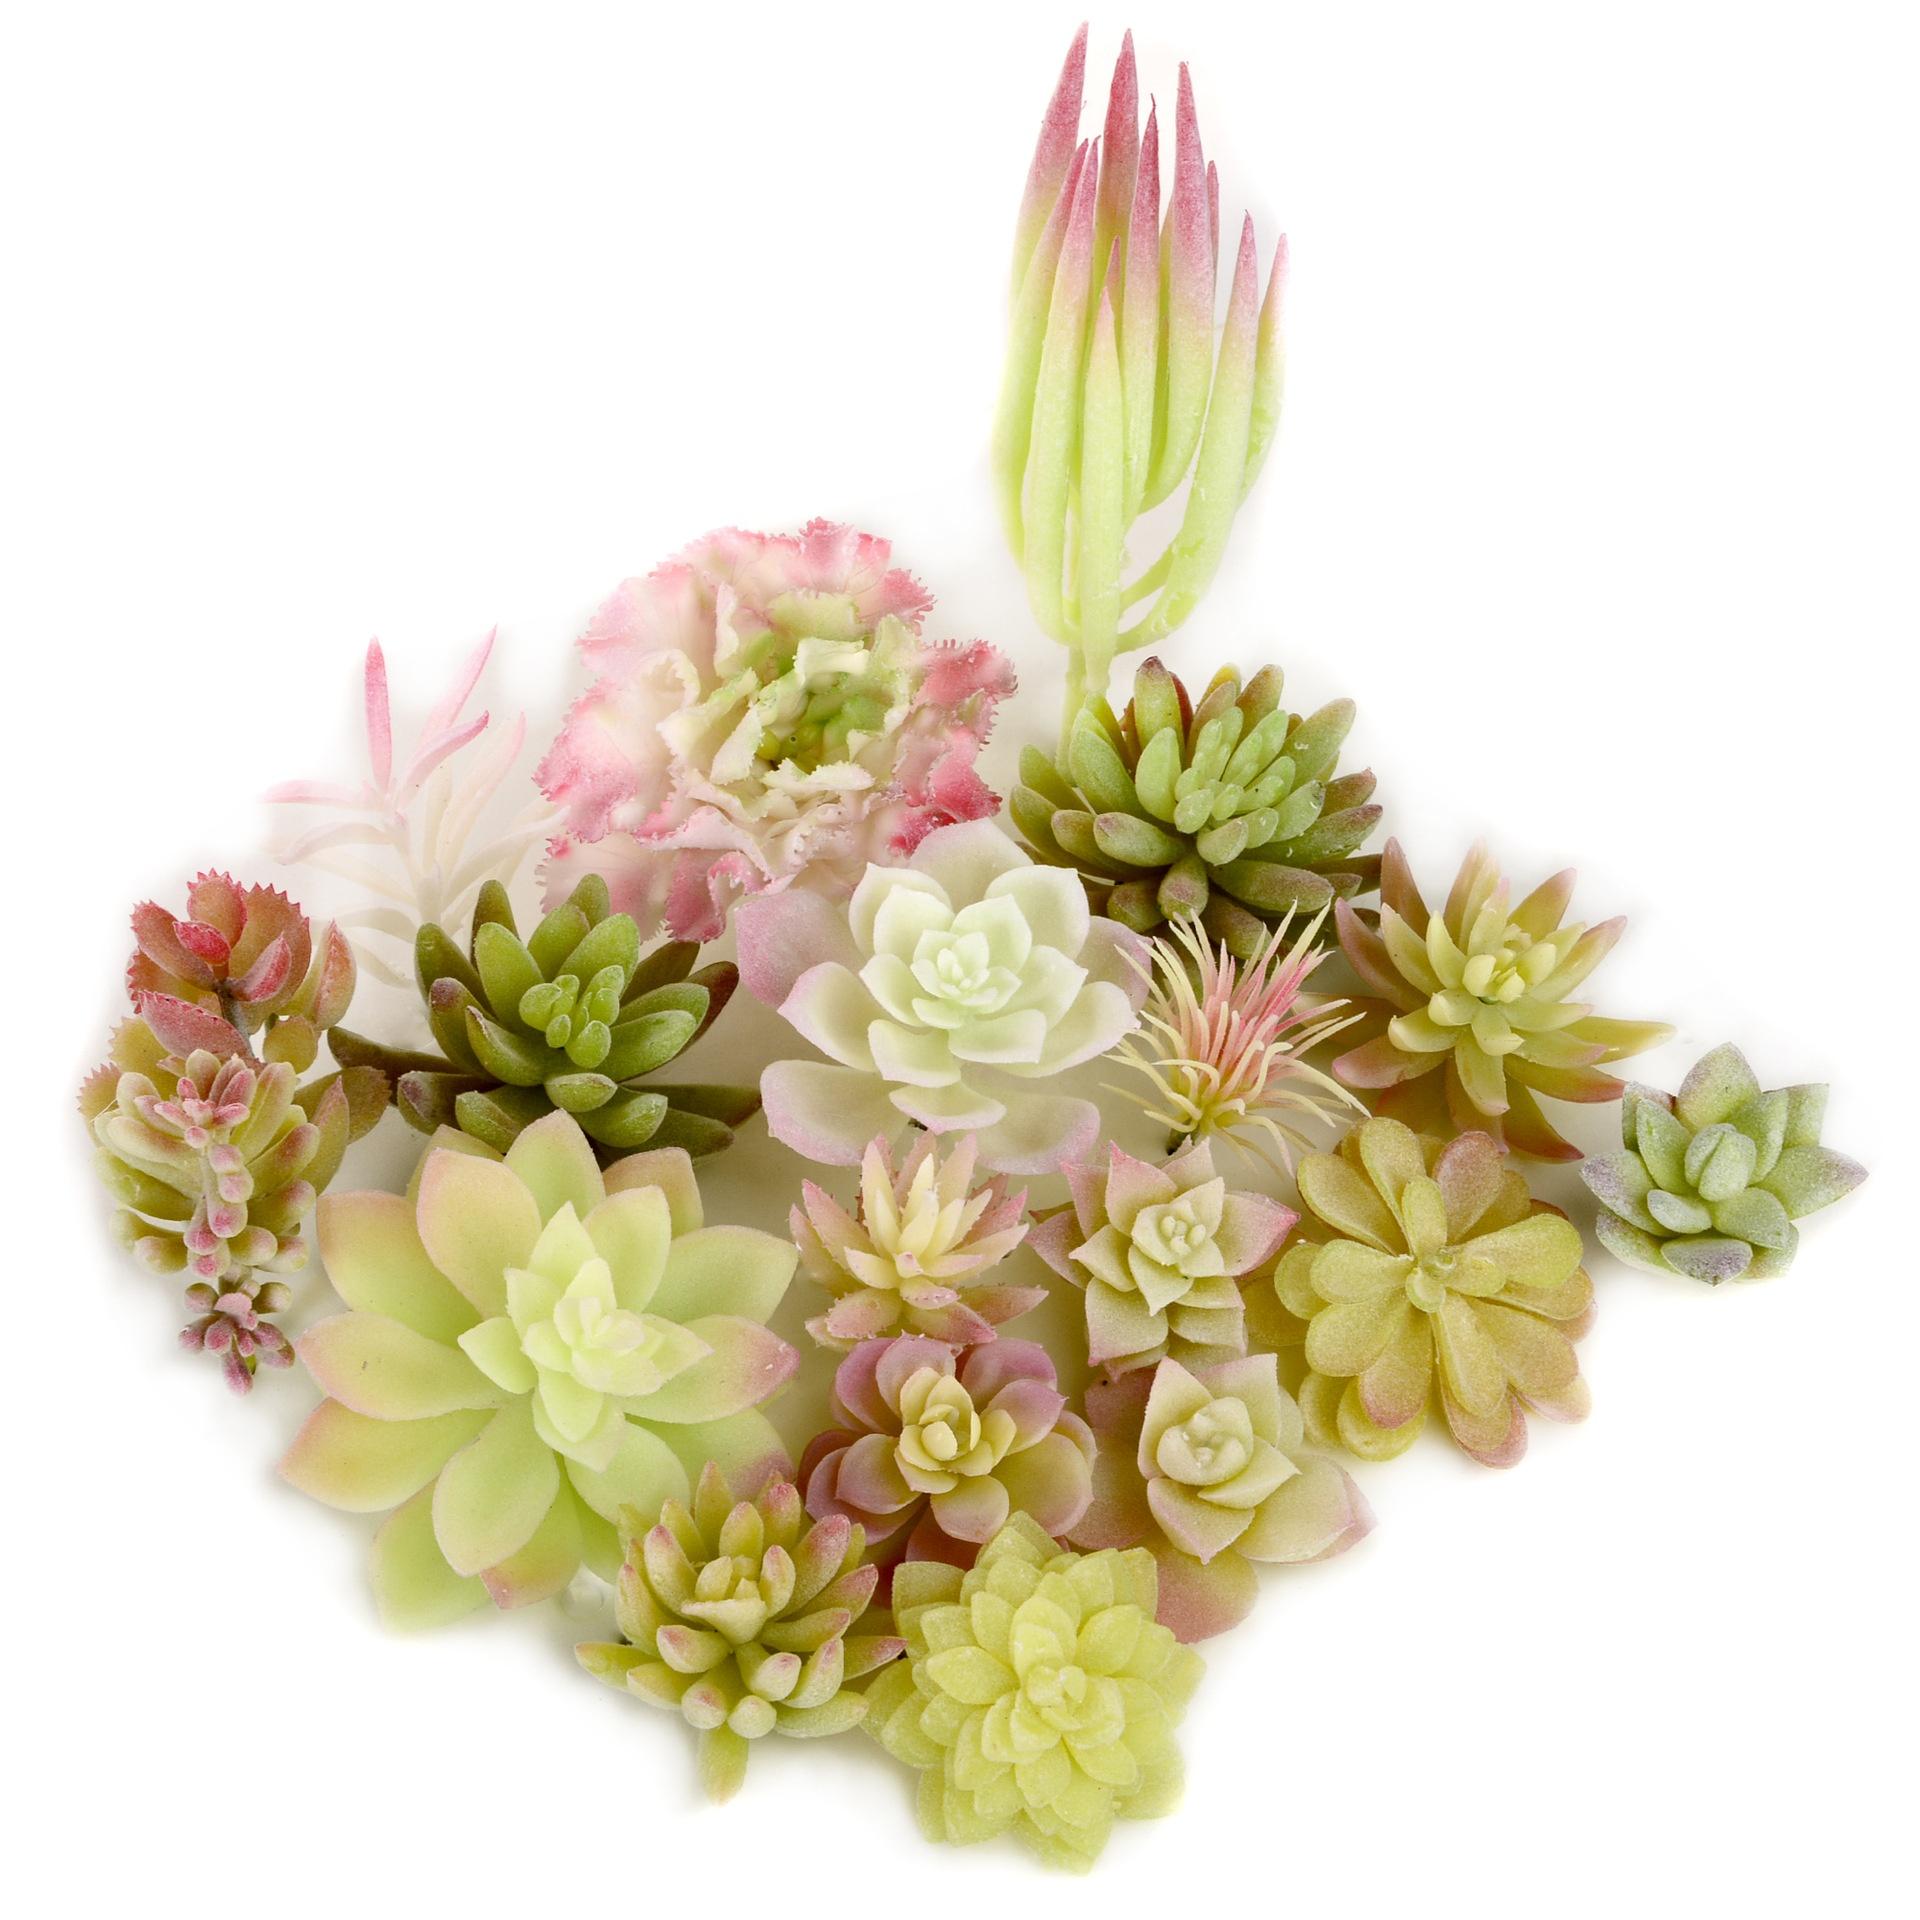 Factory 4-9 cm mini decorated plastic flowers Flower arrangement accessories artificial succulent plants